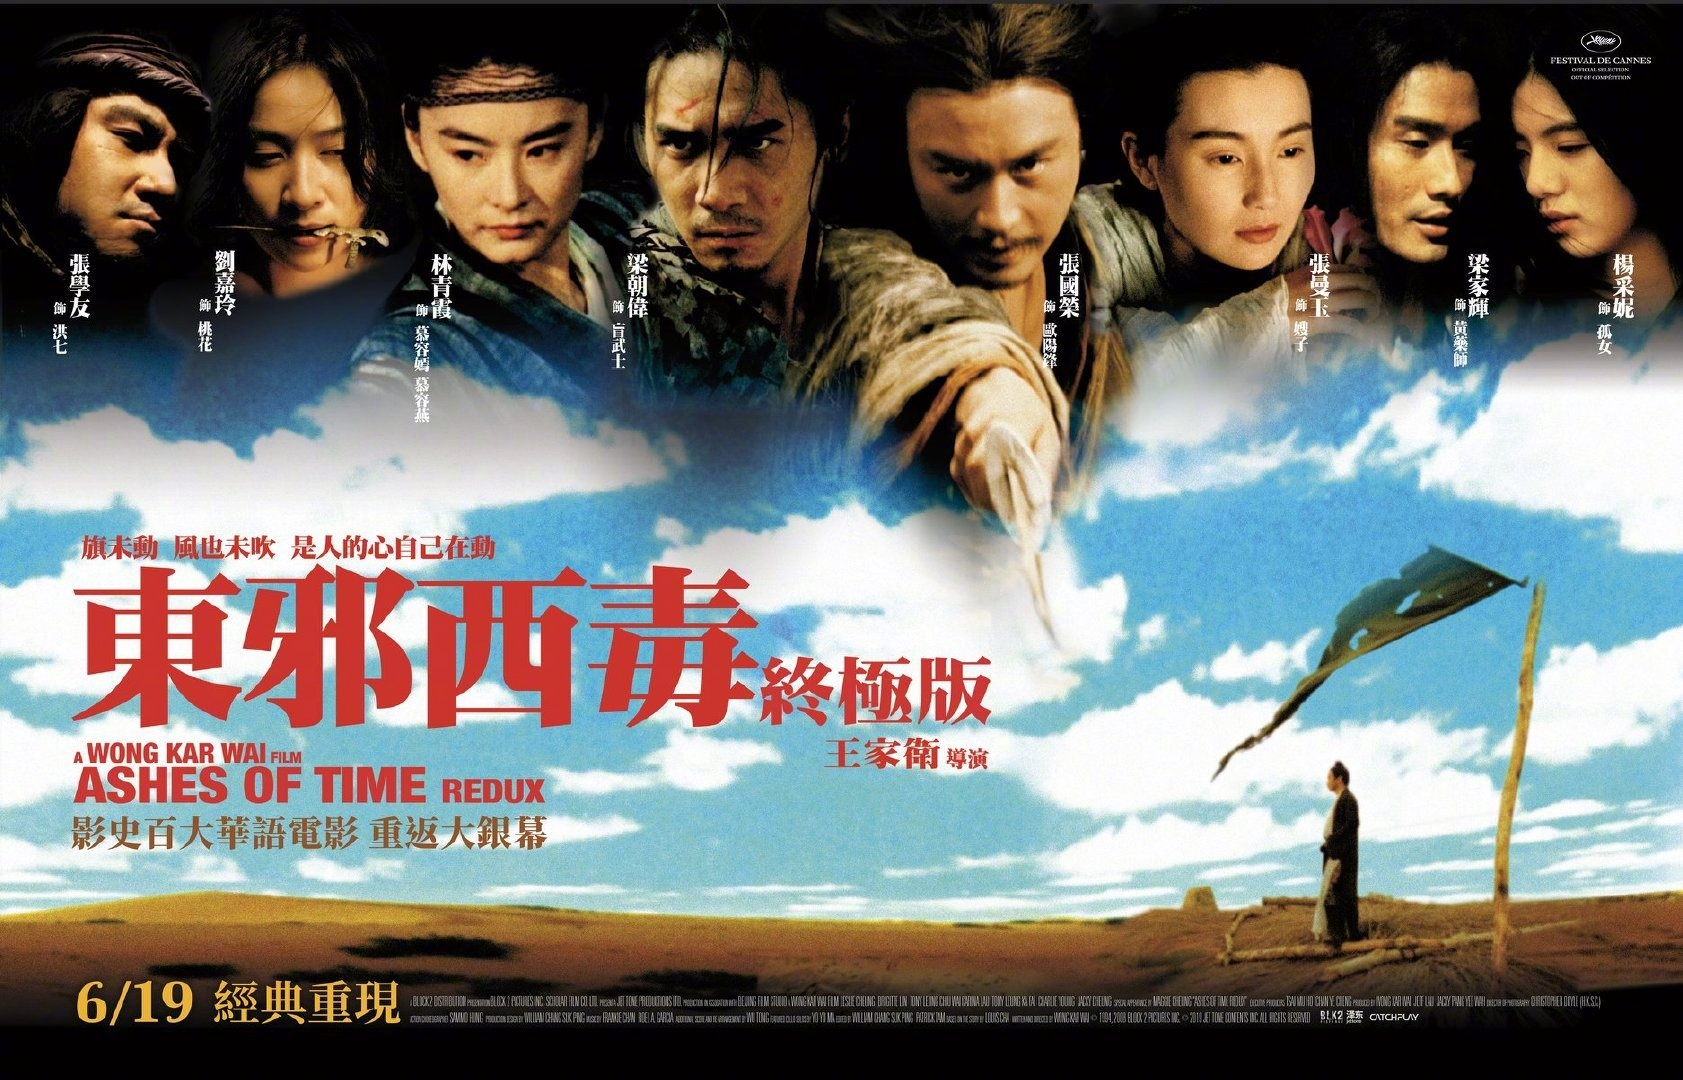 《东邪西毒》6.19台湾重映 张国荣梁朝伟再现经典